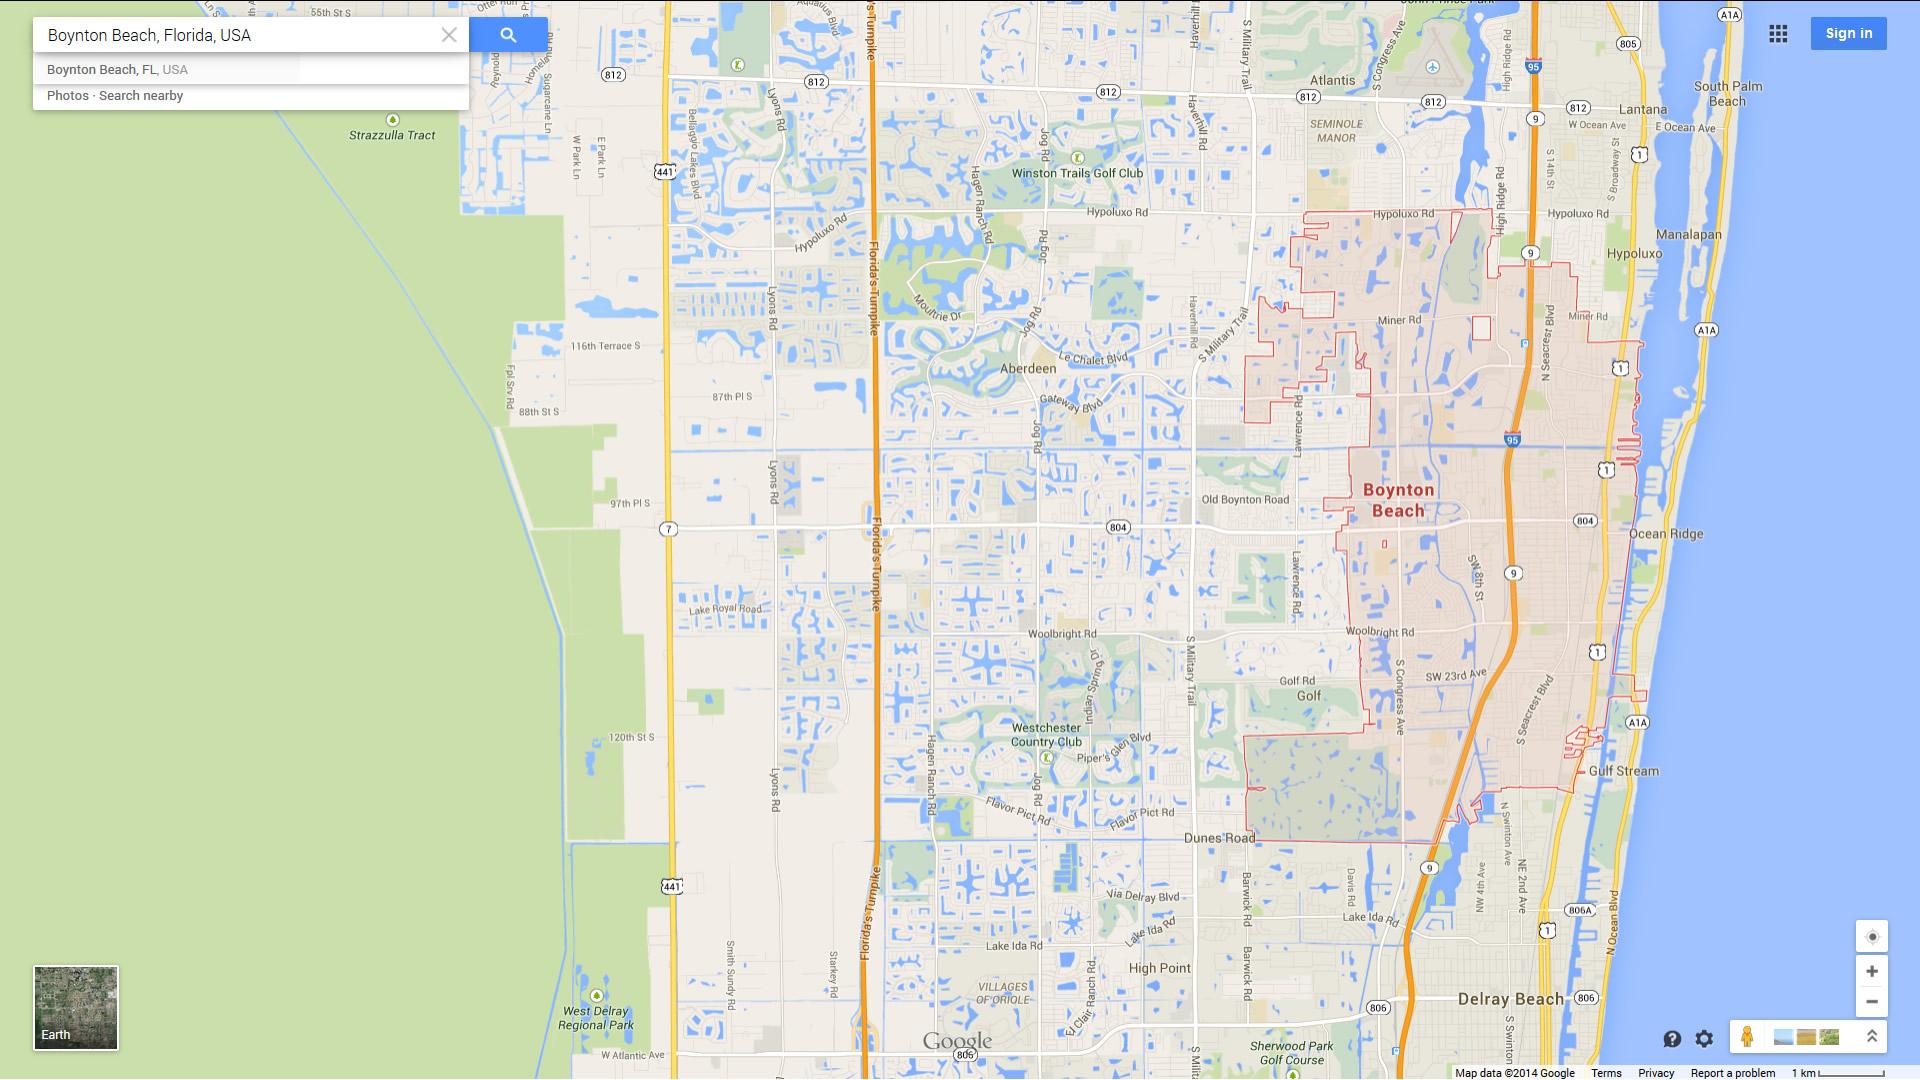 Boynton Beach Florida Map.Boynton Beach Florida Map